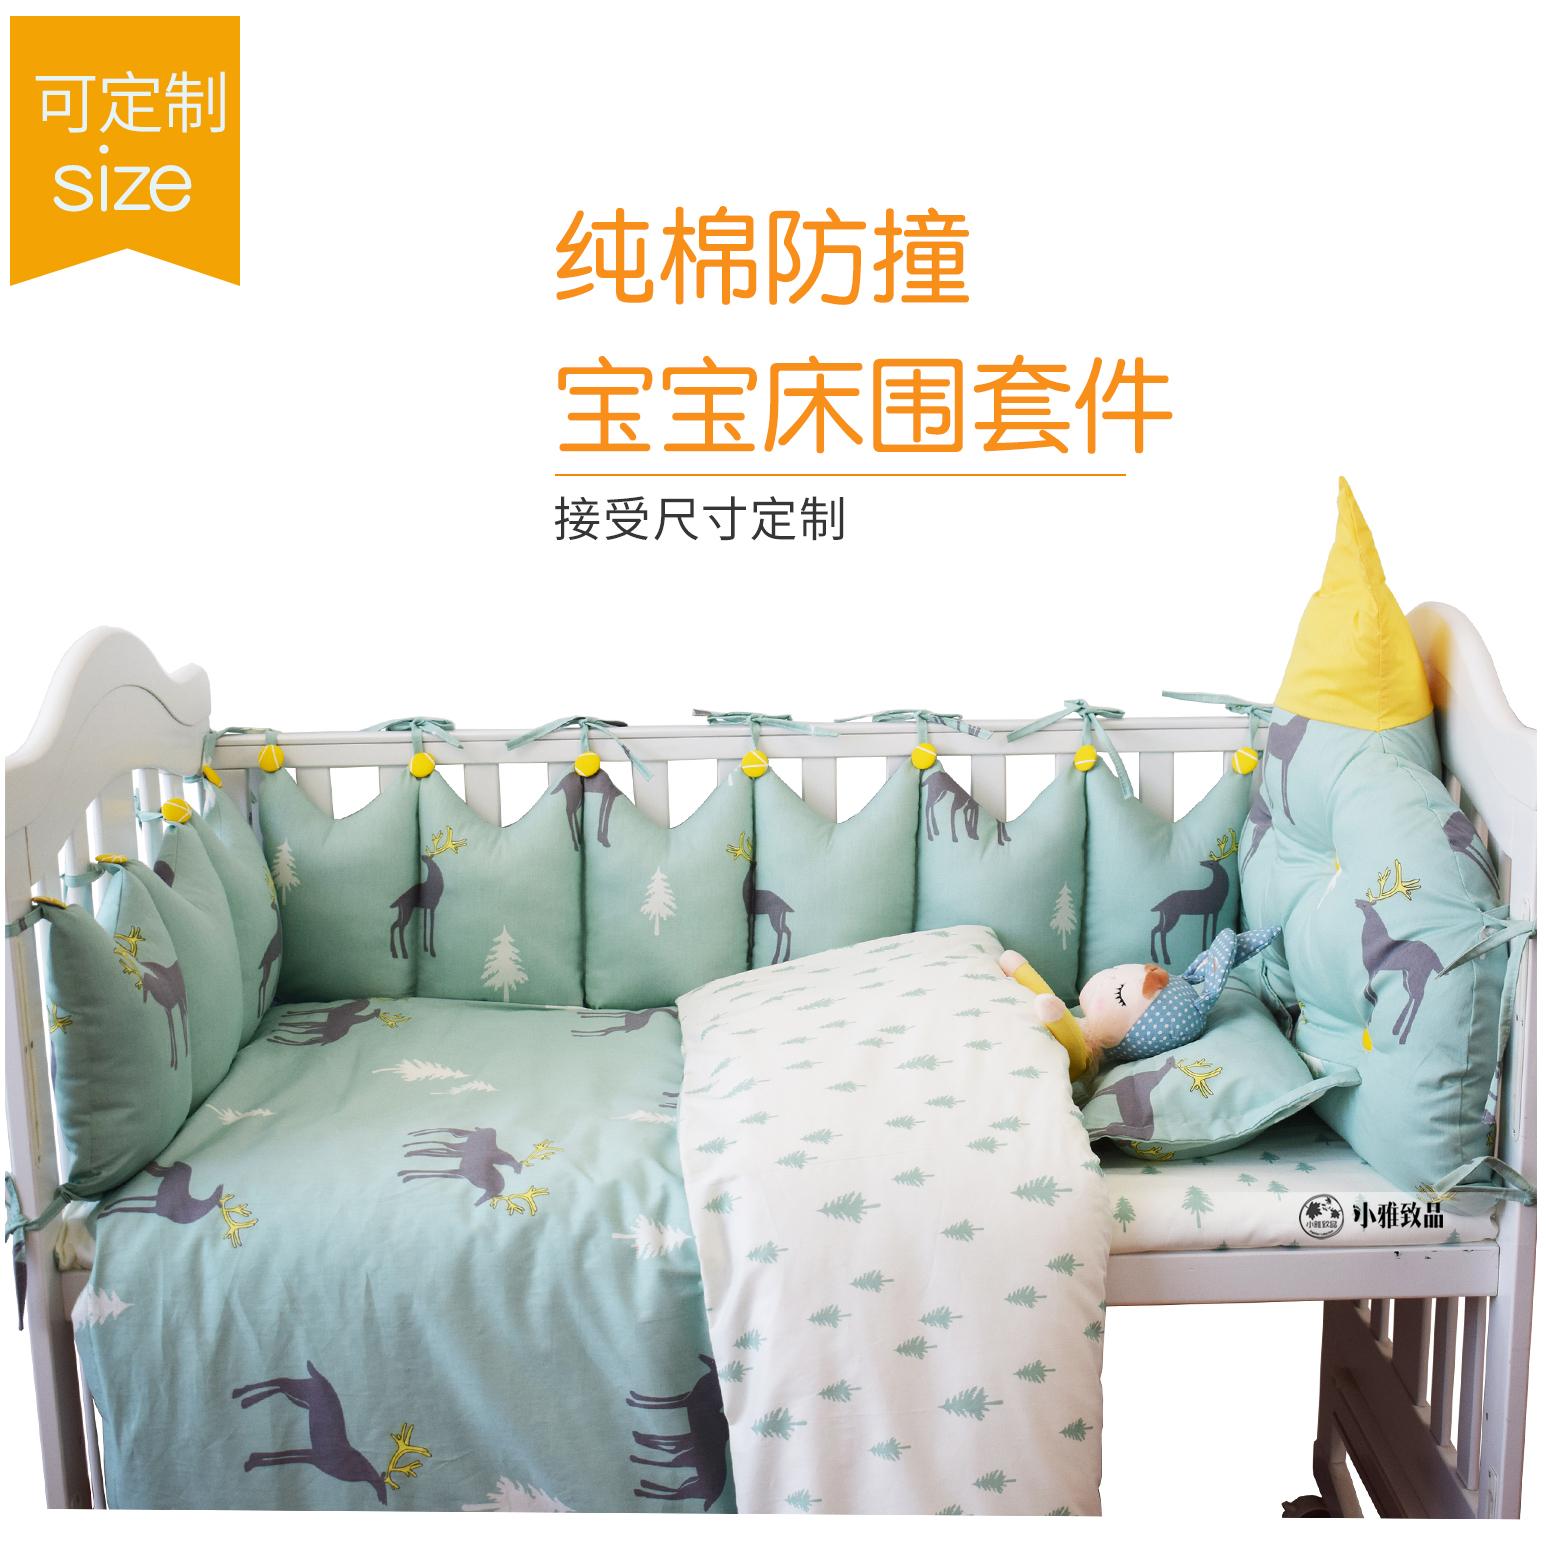 皇冠儿童bb床围四面套件加厚防撞透气婴儿ins纯棉可拆洗床围定制